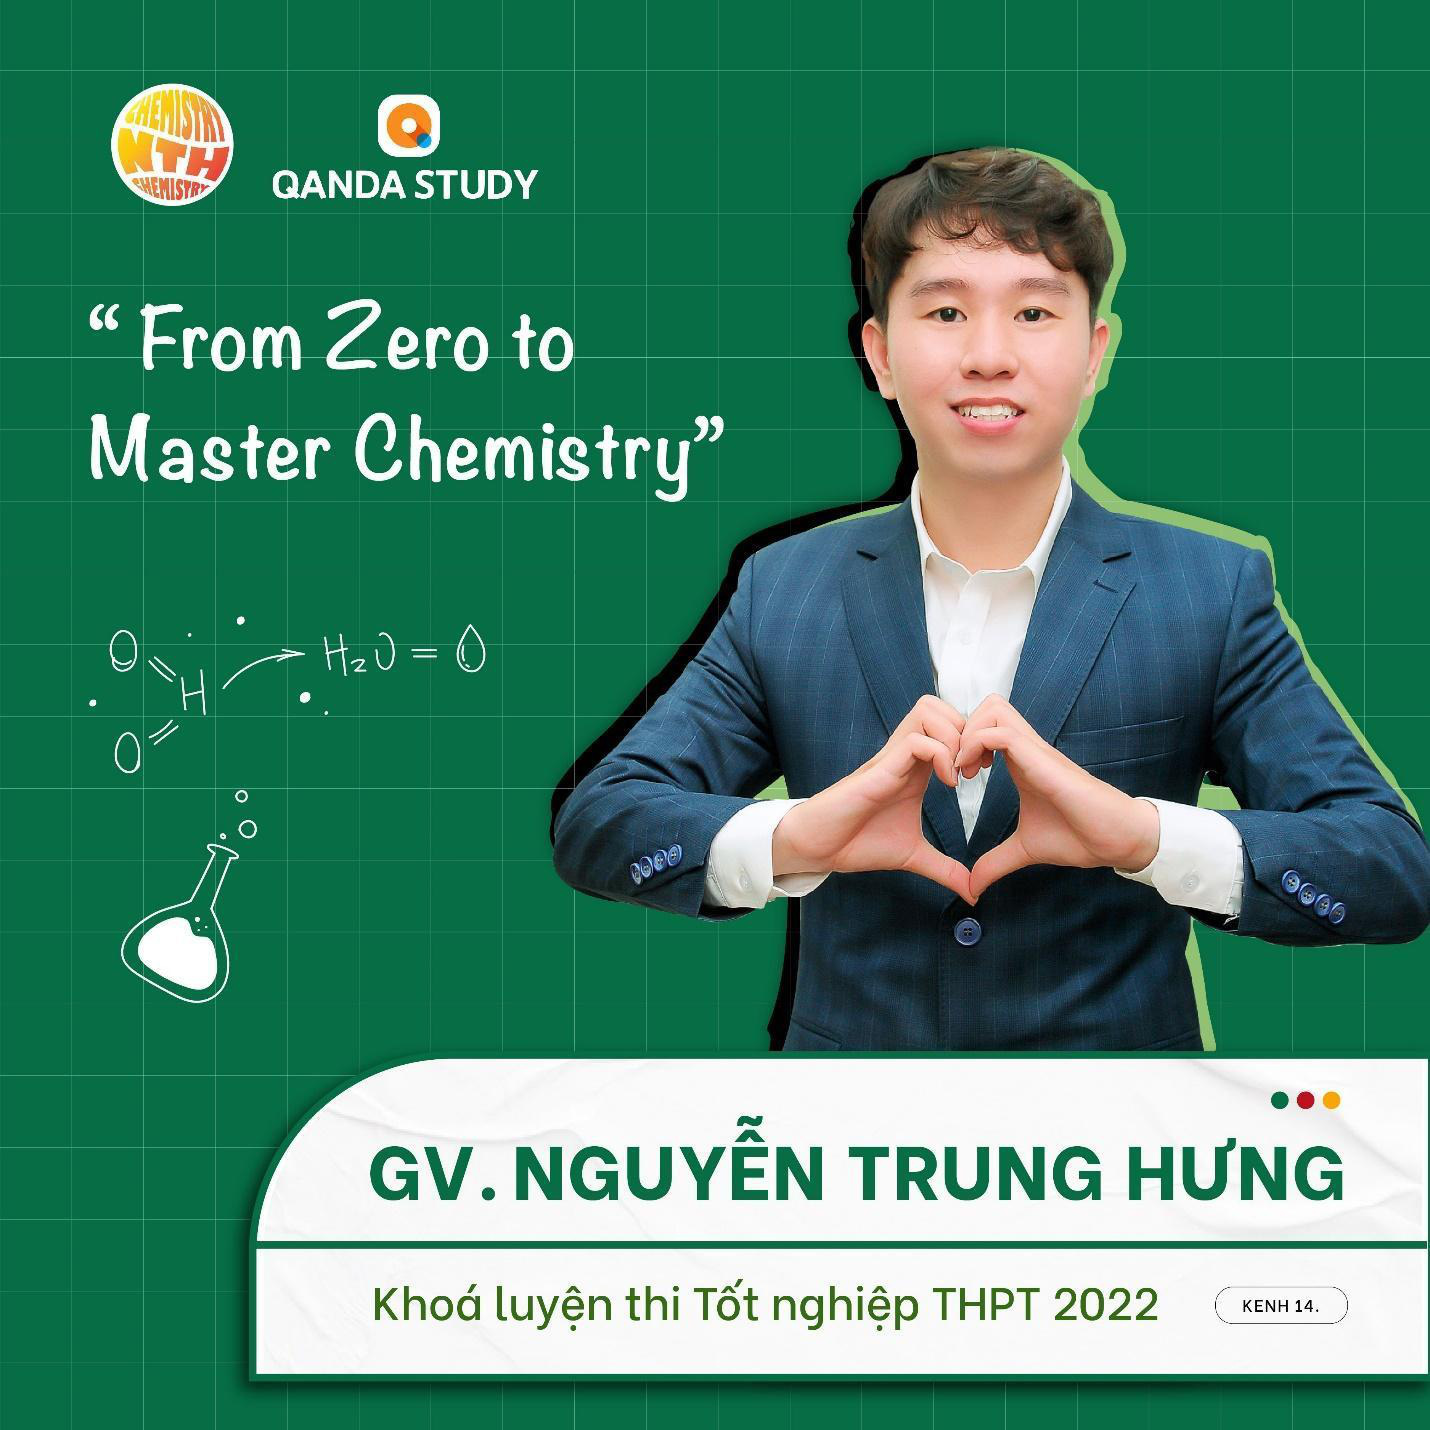 Zero to Master - Thầy giáo 9x cùng ước mơ giúp học sinh yêu Hóa lại từ đầu - Ảnh 1.